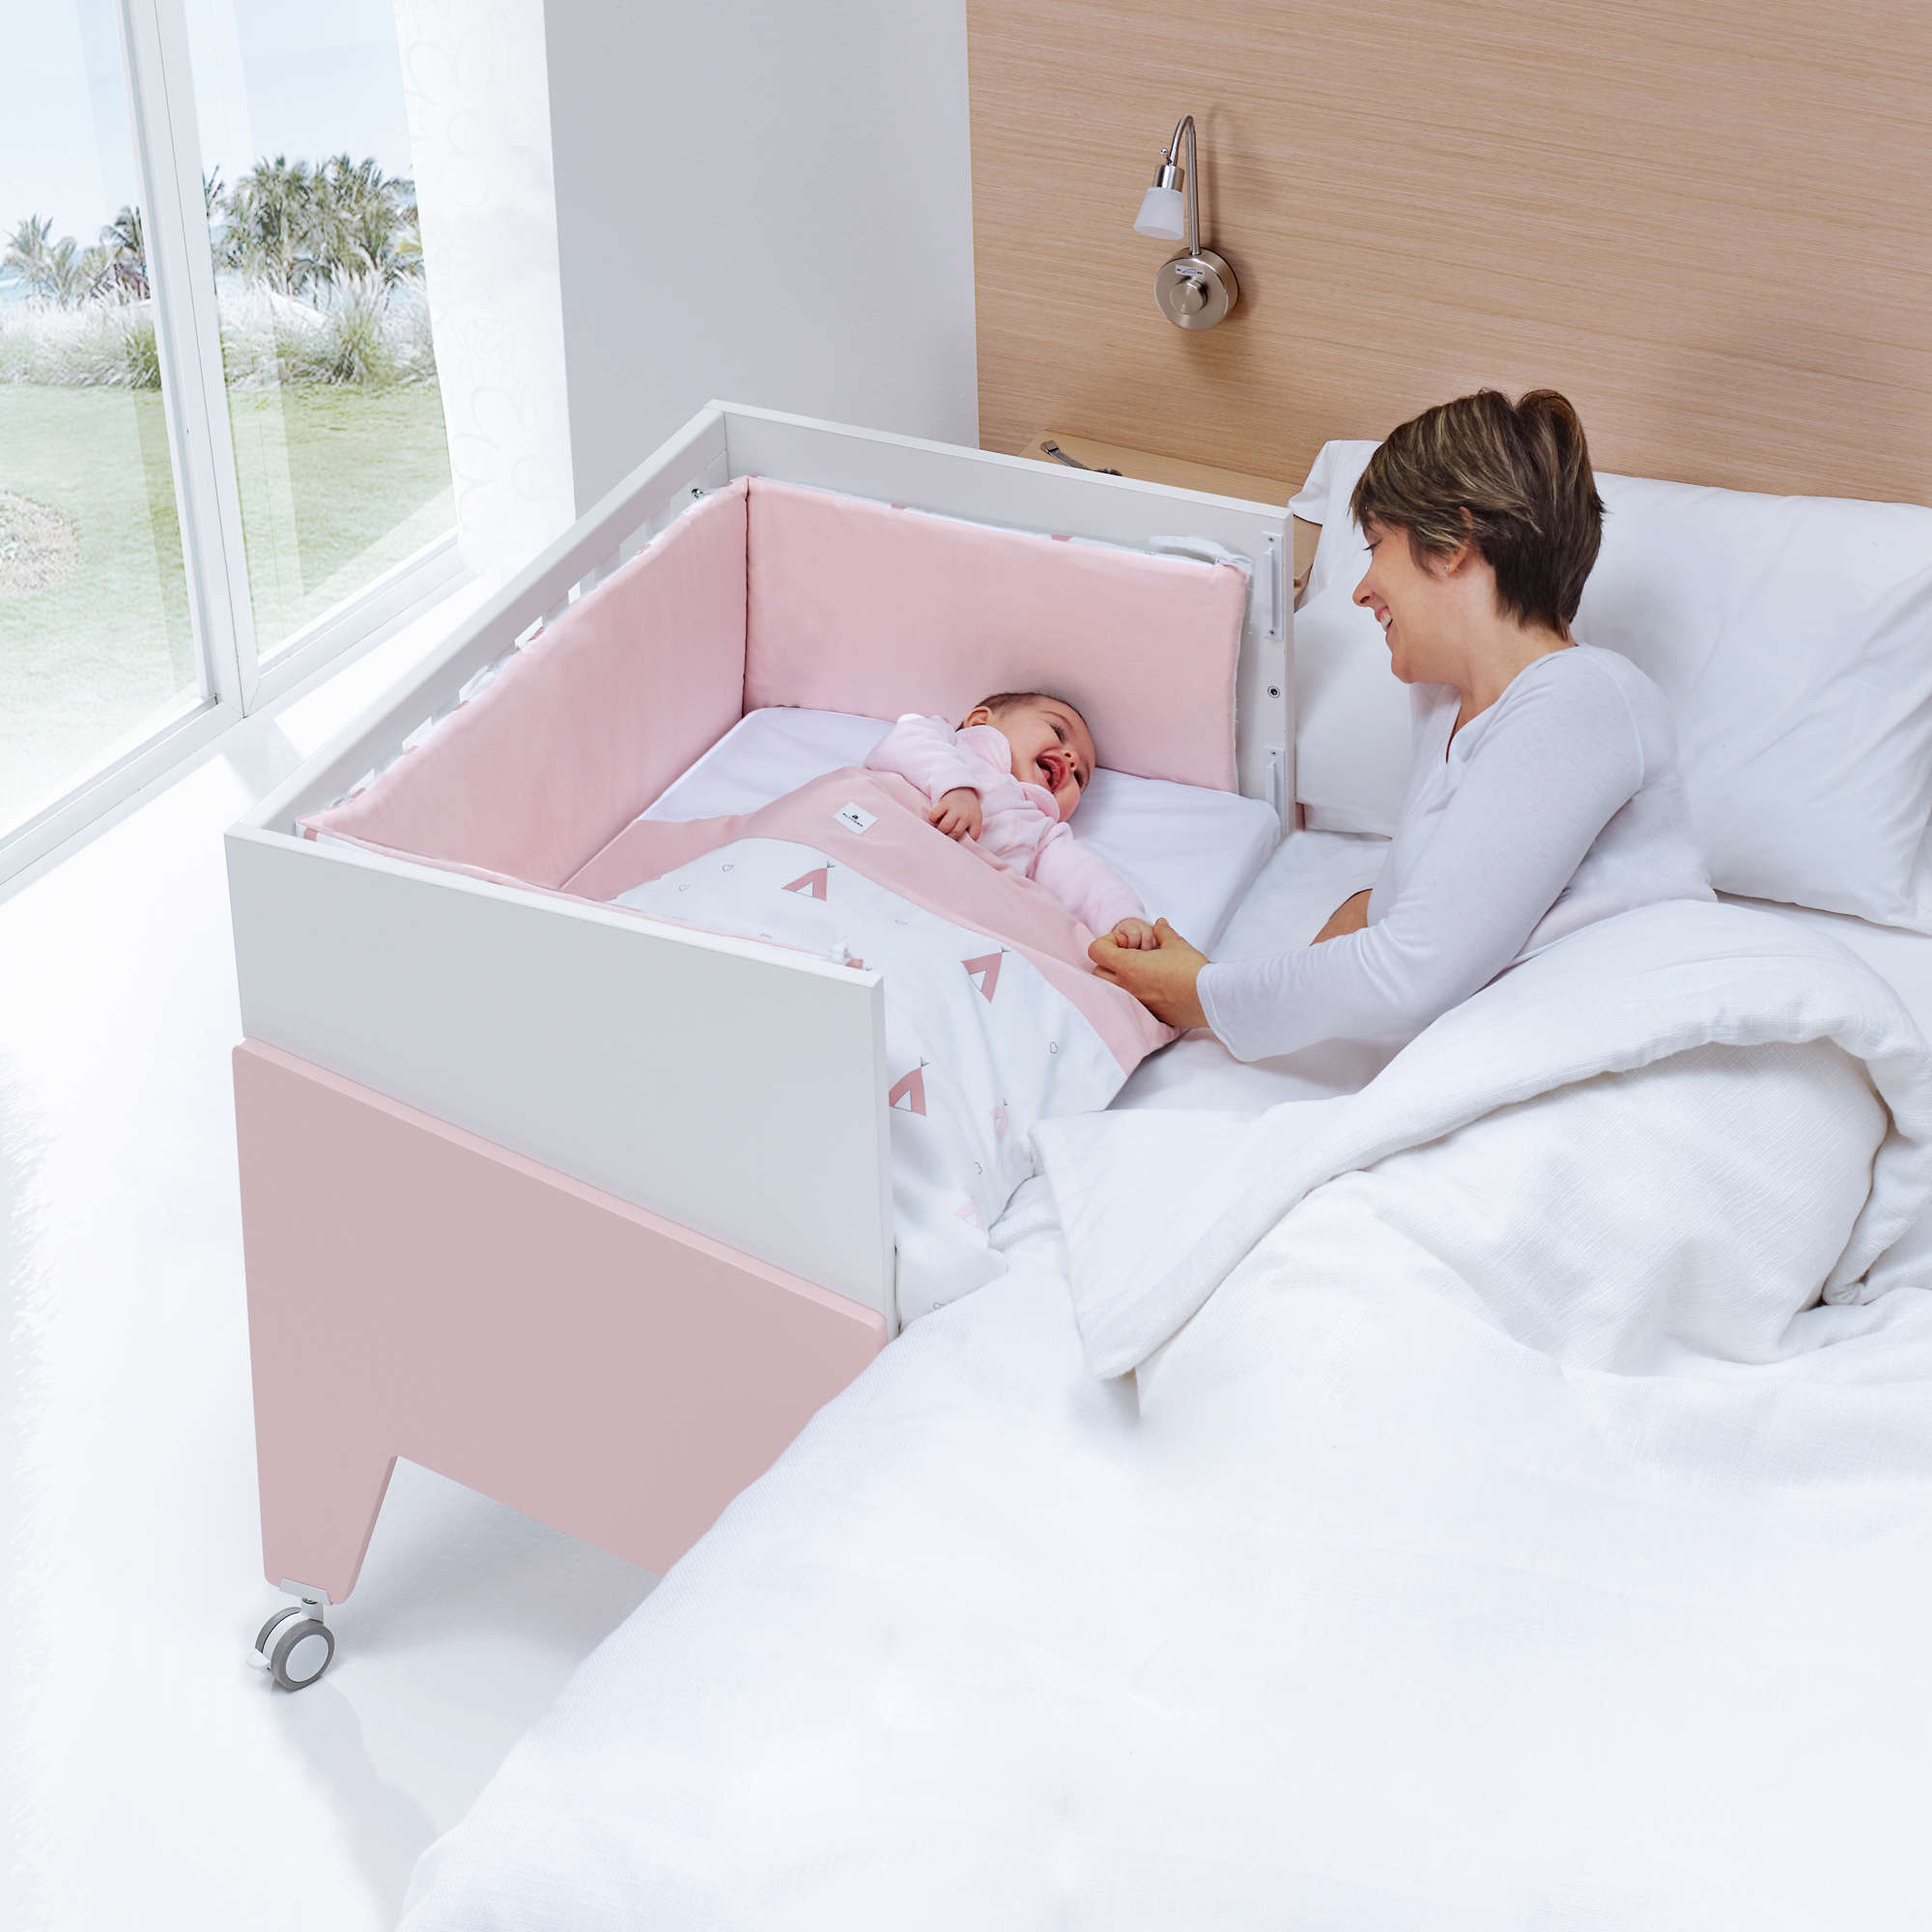 Nova culla da affiancare INBORN CRIB di Alondra può essere usata in 3 stadi distinti della crescita del bimbo: come culla da affiancare, culla e scrivania baby